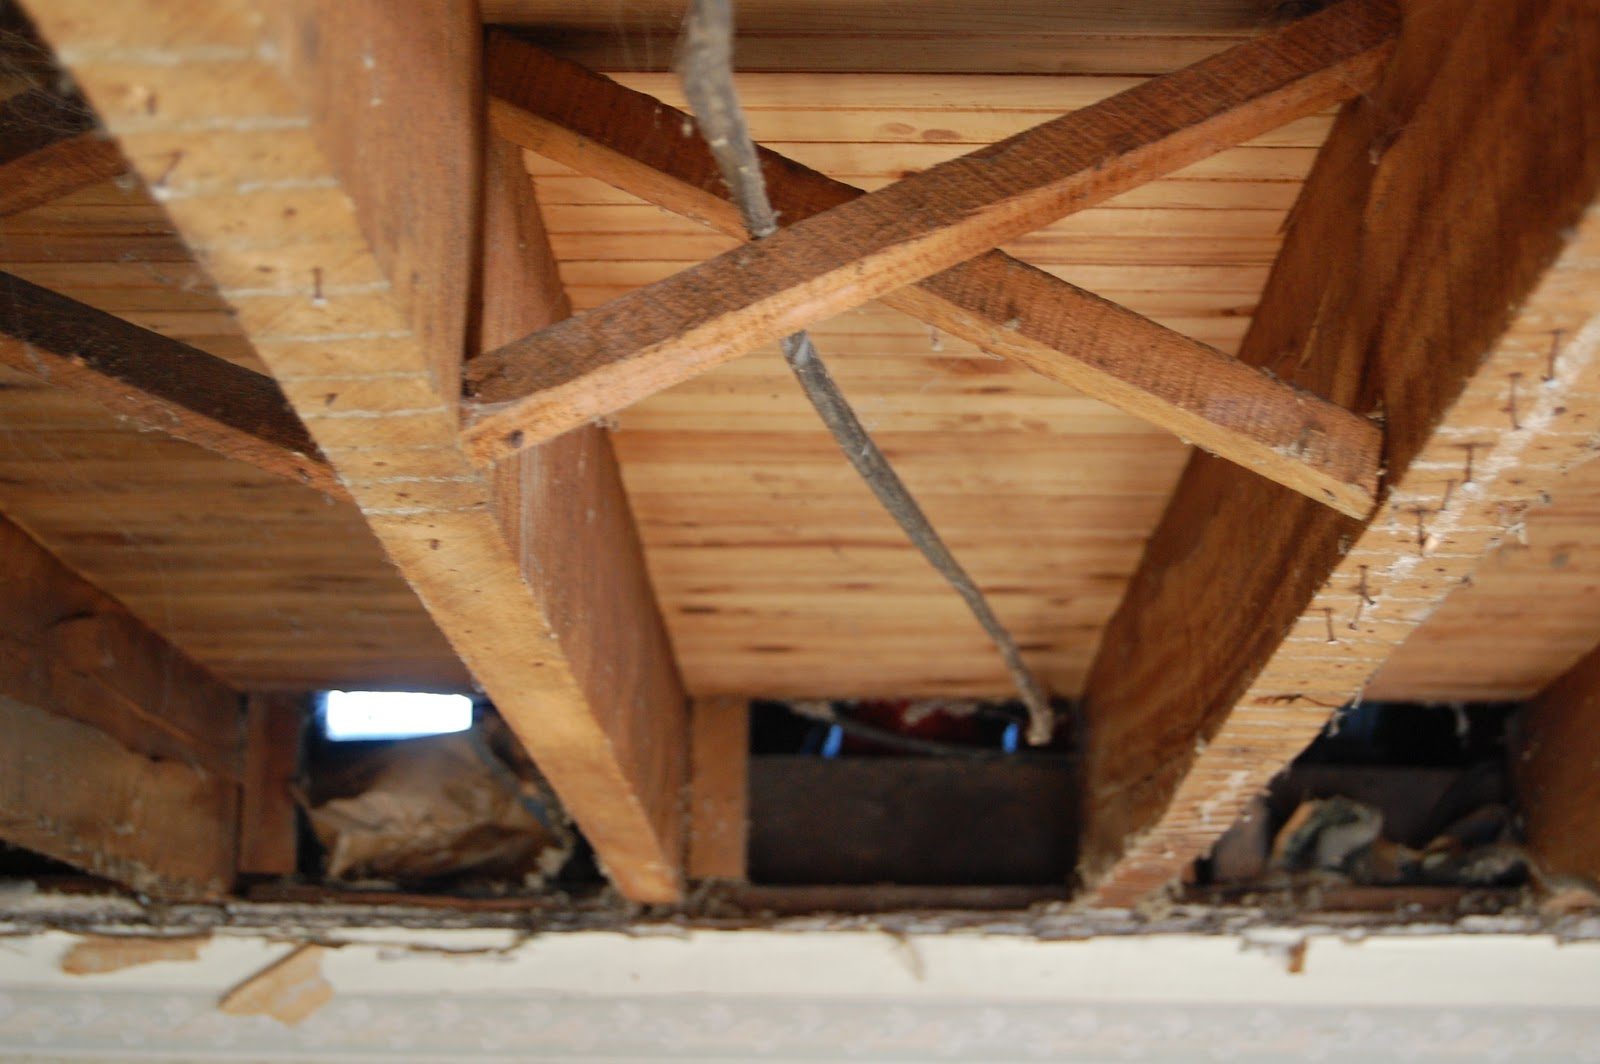 THE.BURK.HAUS: living room exposed floor joists mayhem